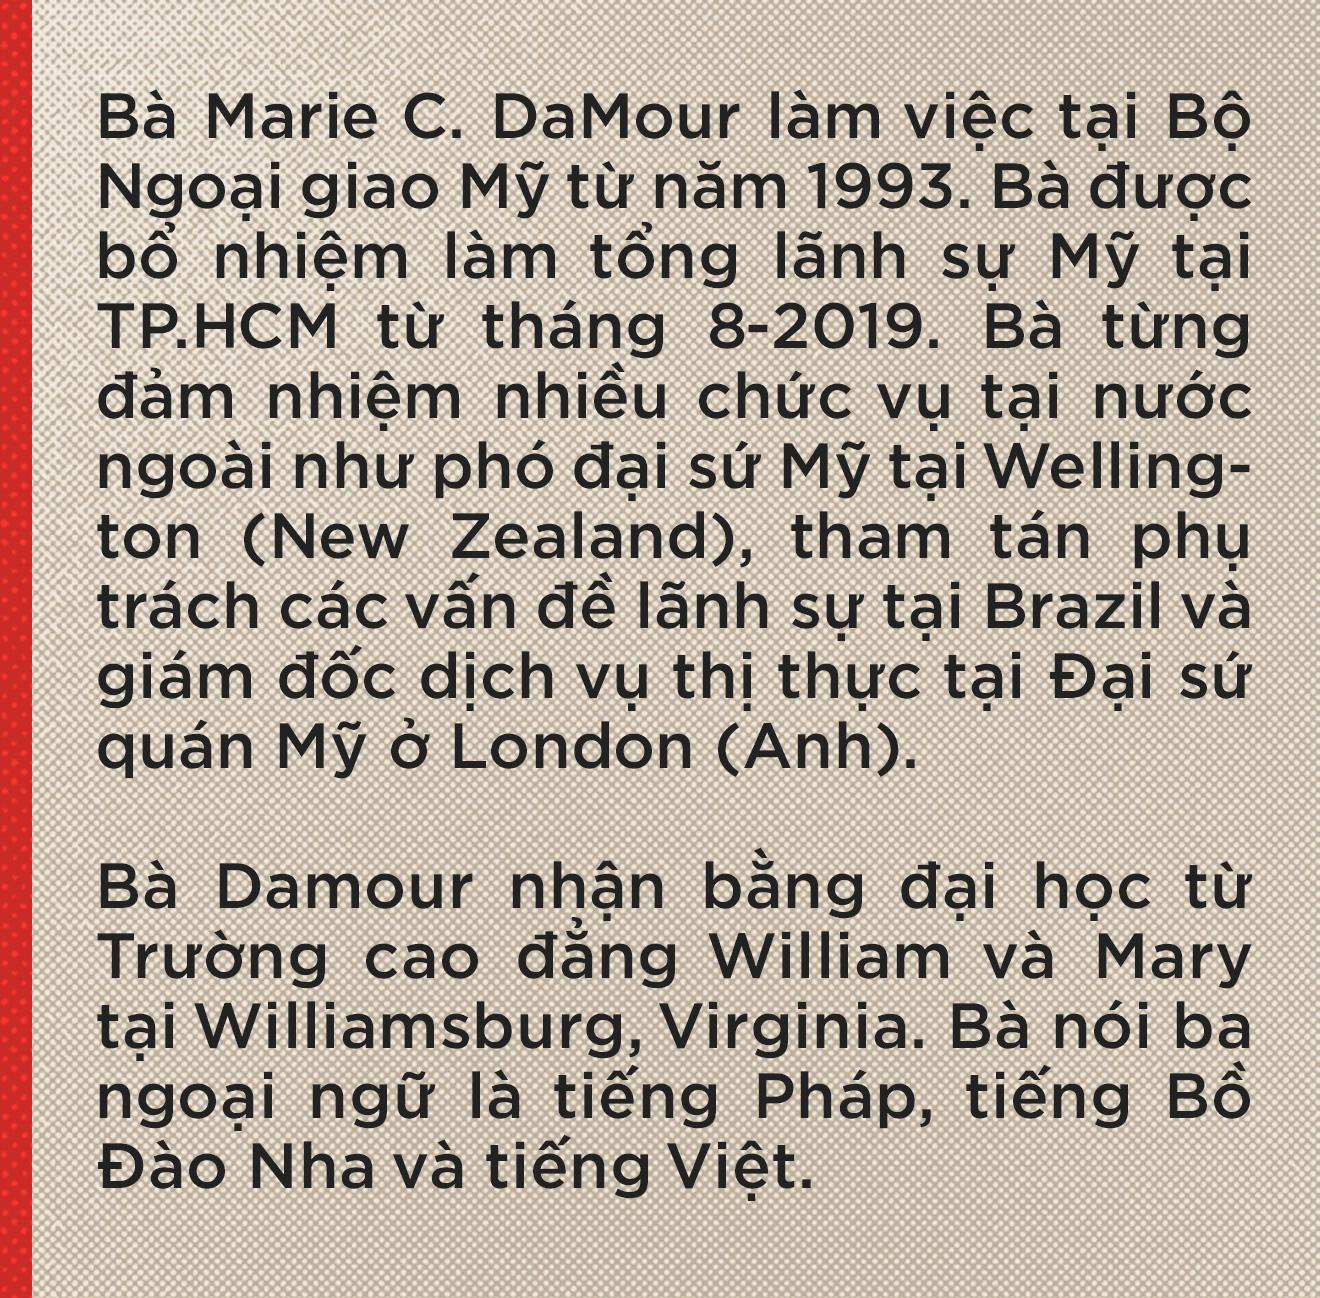 Tổng lãnh sự Mỹ Marie Damour: Nếu tôi sinh ra ở Việt Nam, cha tôi có thể là liệt sĩ - Ảnh 2.